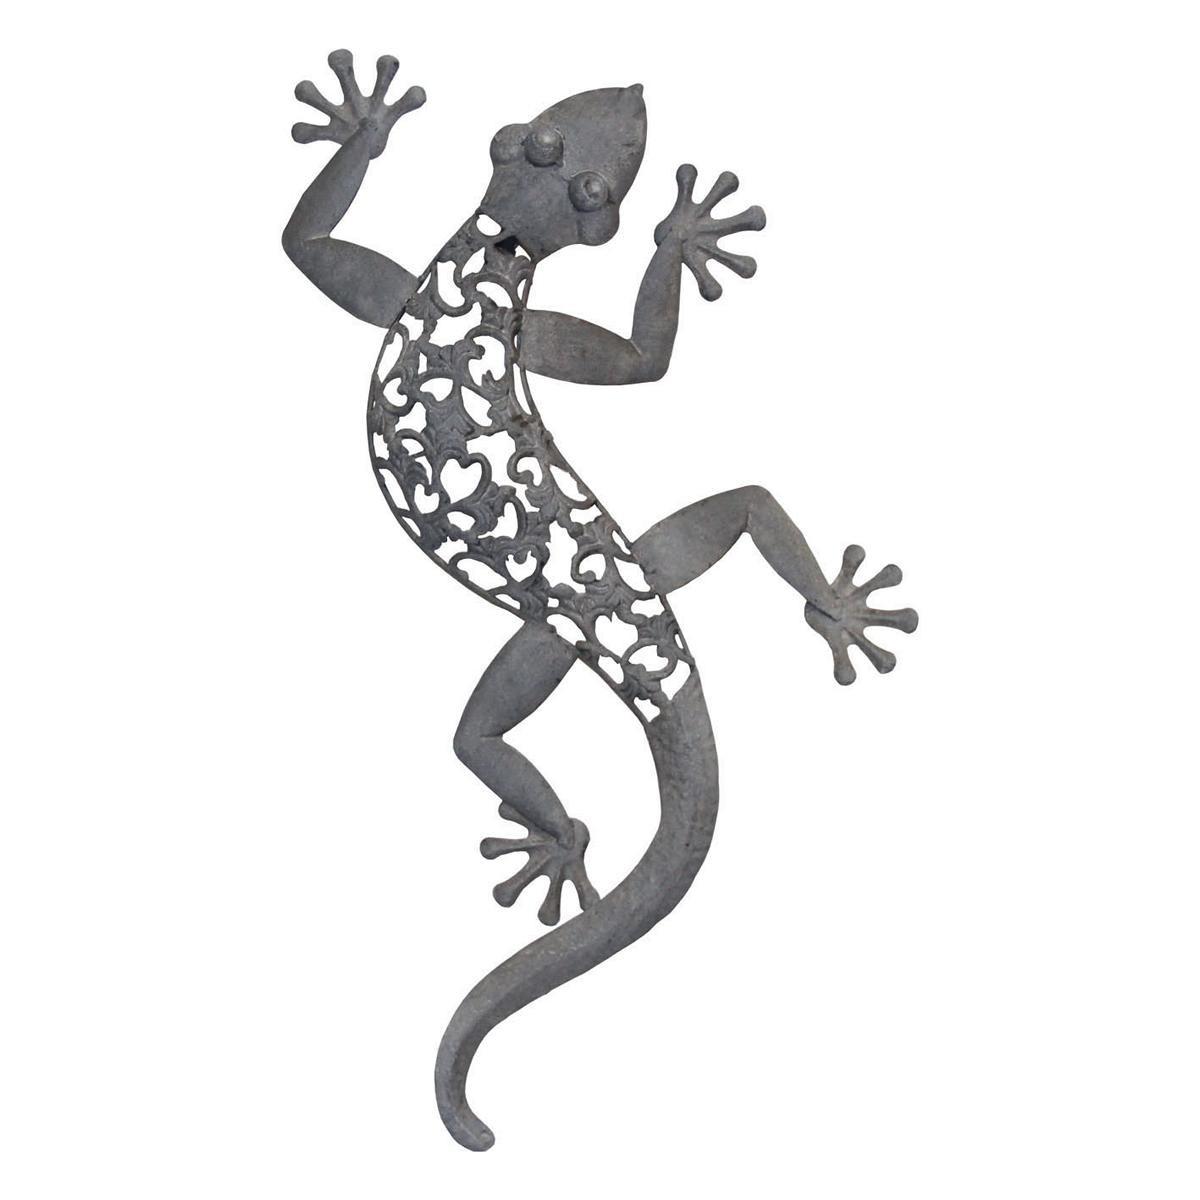 Wandbild gecko gr e l wanddeko eidechse salamander - Wanddeko eidechse ...